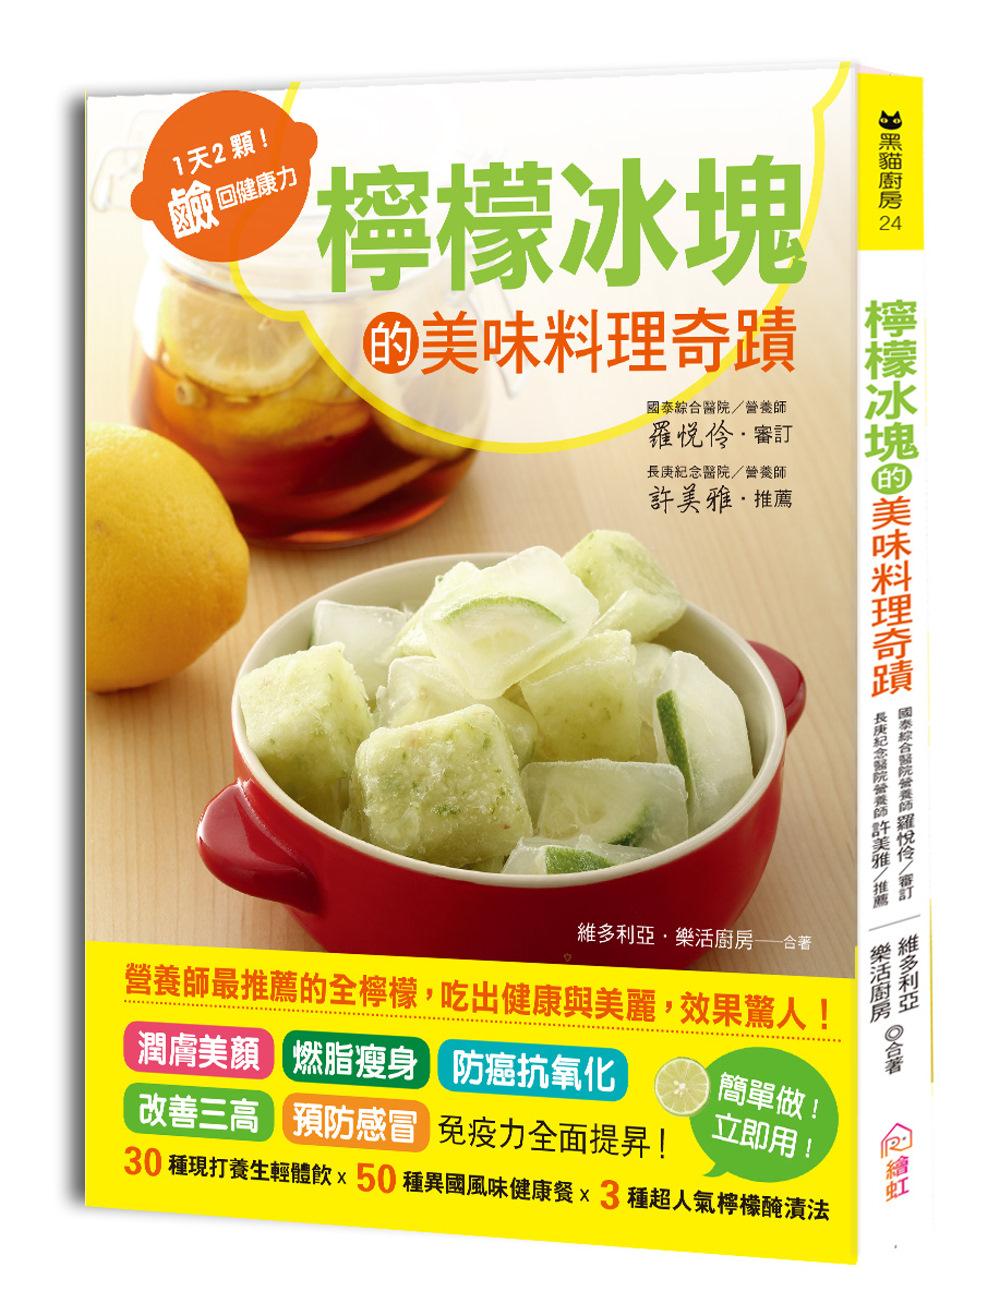 檸檬冰塊的美味料理奇蹟^!1天2顆^!鹼回健康力:潤膚美顏、燃脂瘦身、防癌抗氧化,改善三高